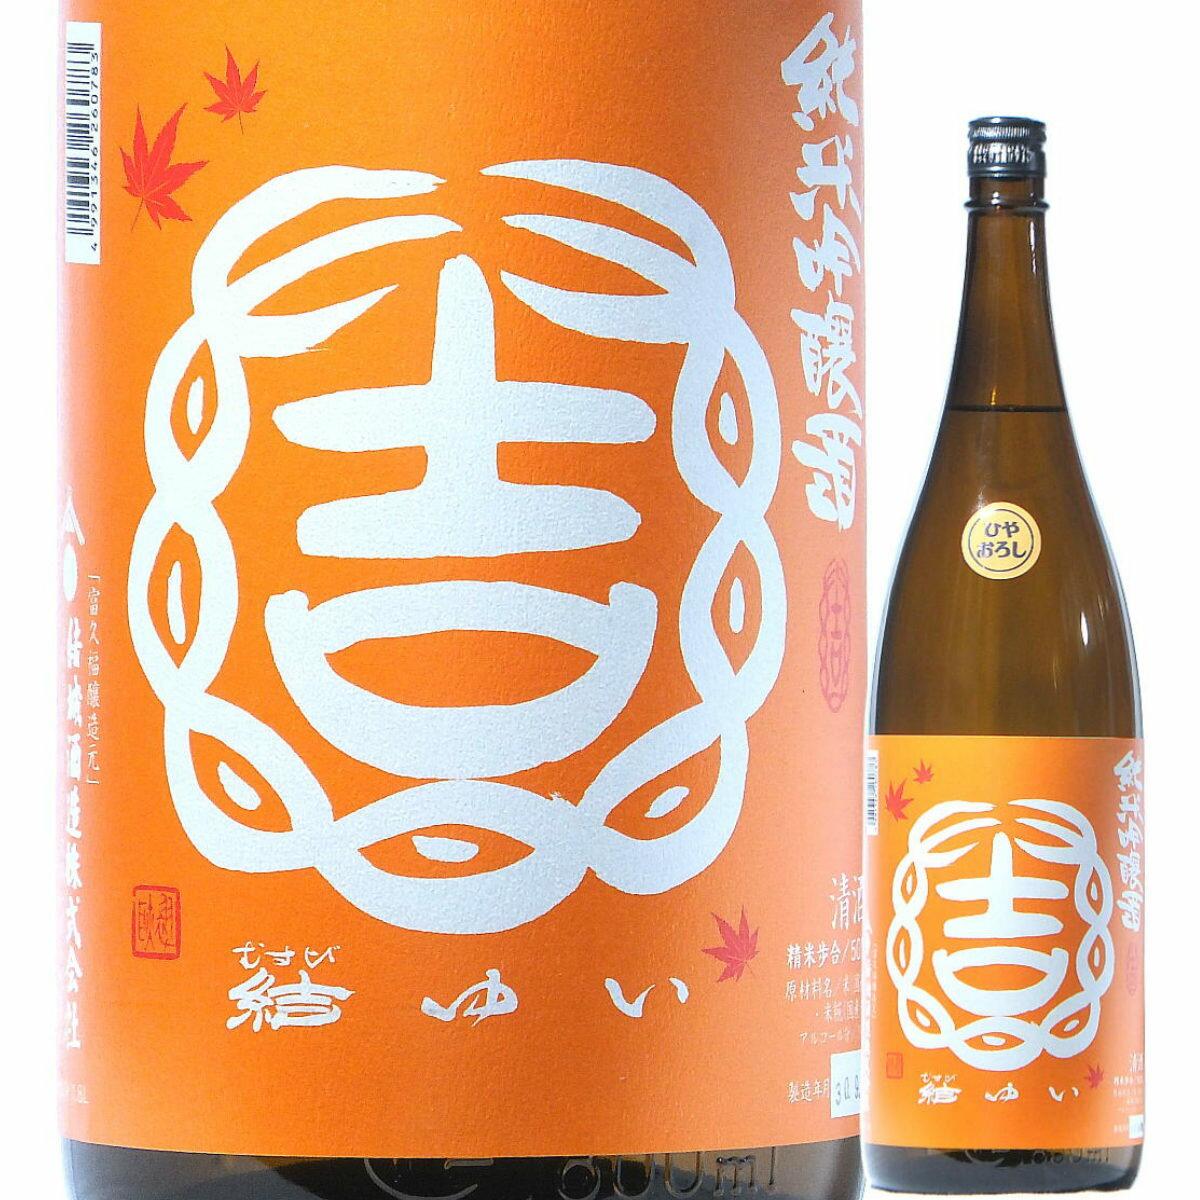 日本酒ひやおろし秋の酒結ゆい純米吟醸酒ひやおろし720ml29BY(茨城/結城酒造)北関東の酒結城の